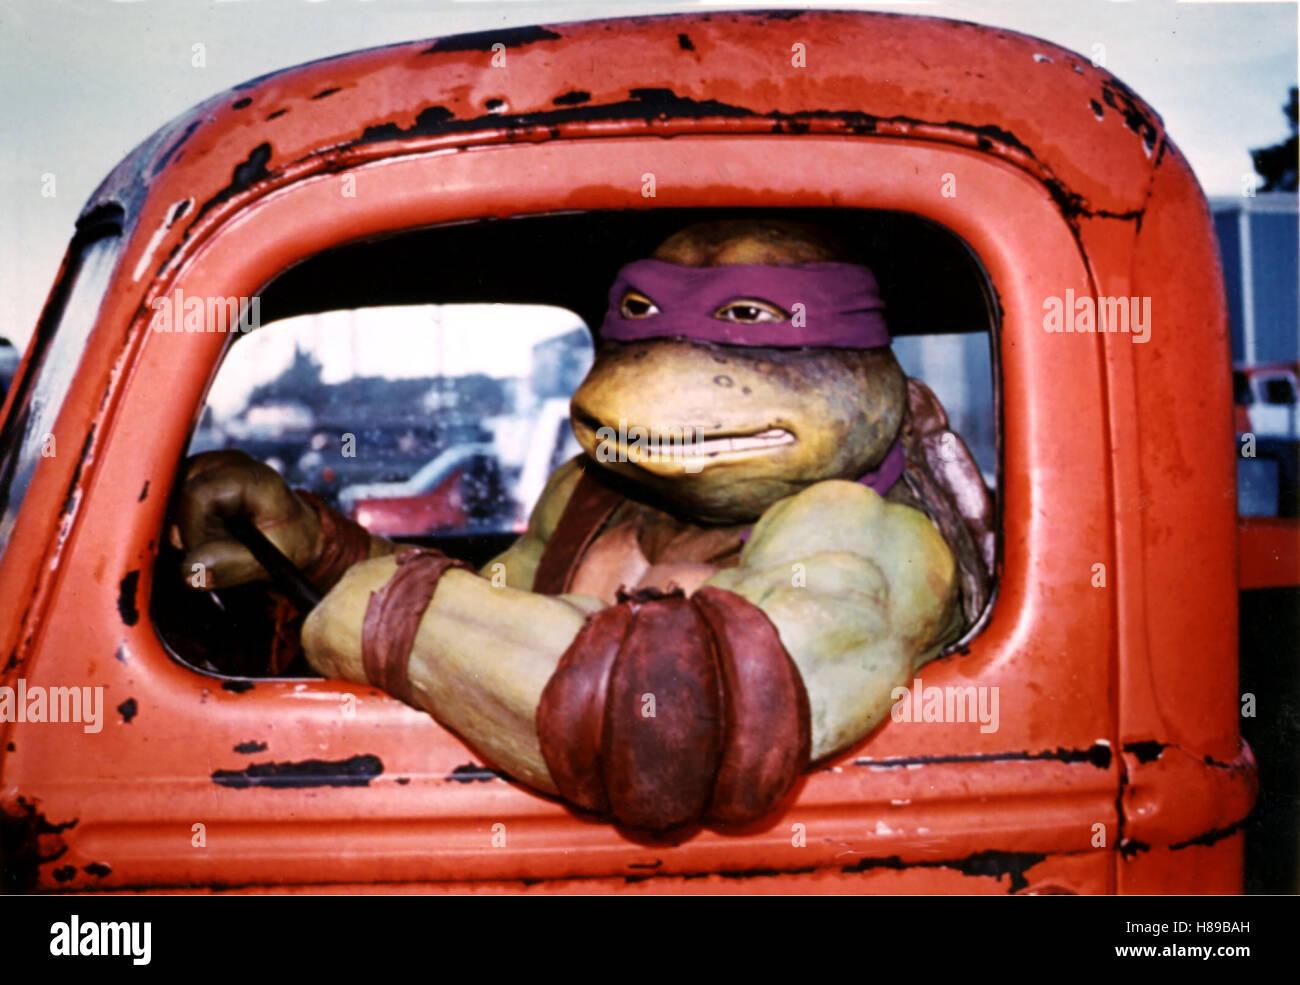 Turtles, (TEENAGE MUTANT NINJA TURTLES) USA 1990, Regie: Steve Barron, TURTLE, Stichwort: Lastwagen - Stock Image